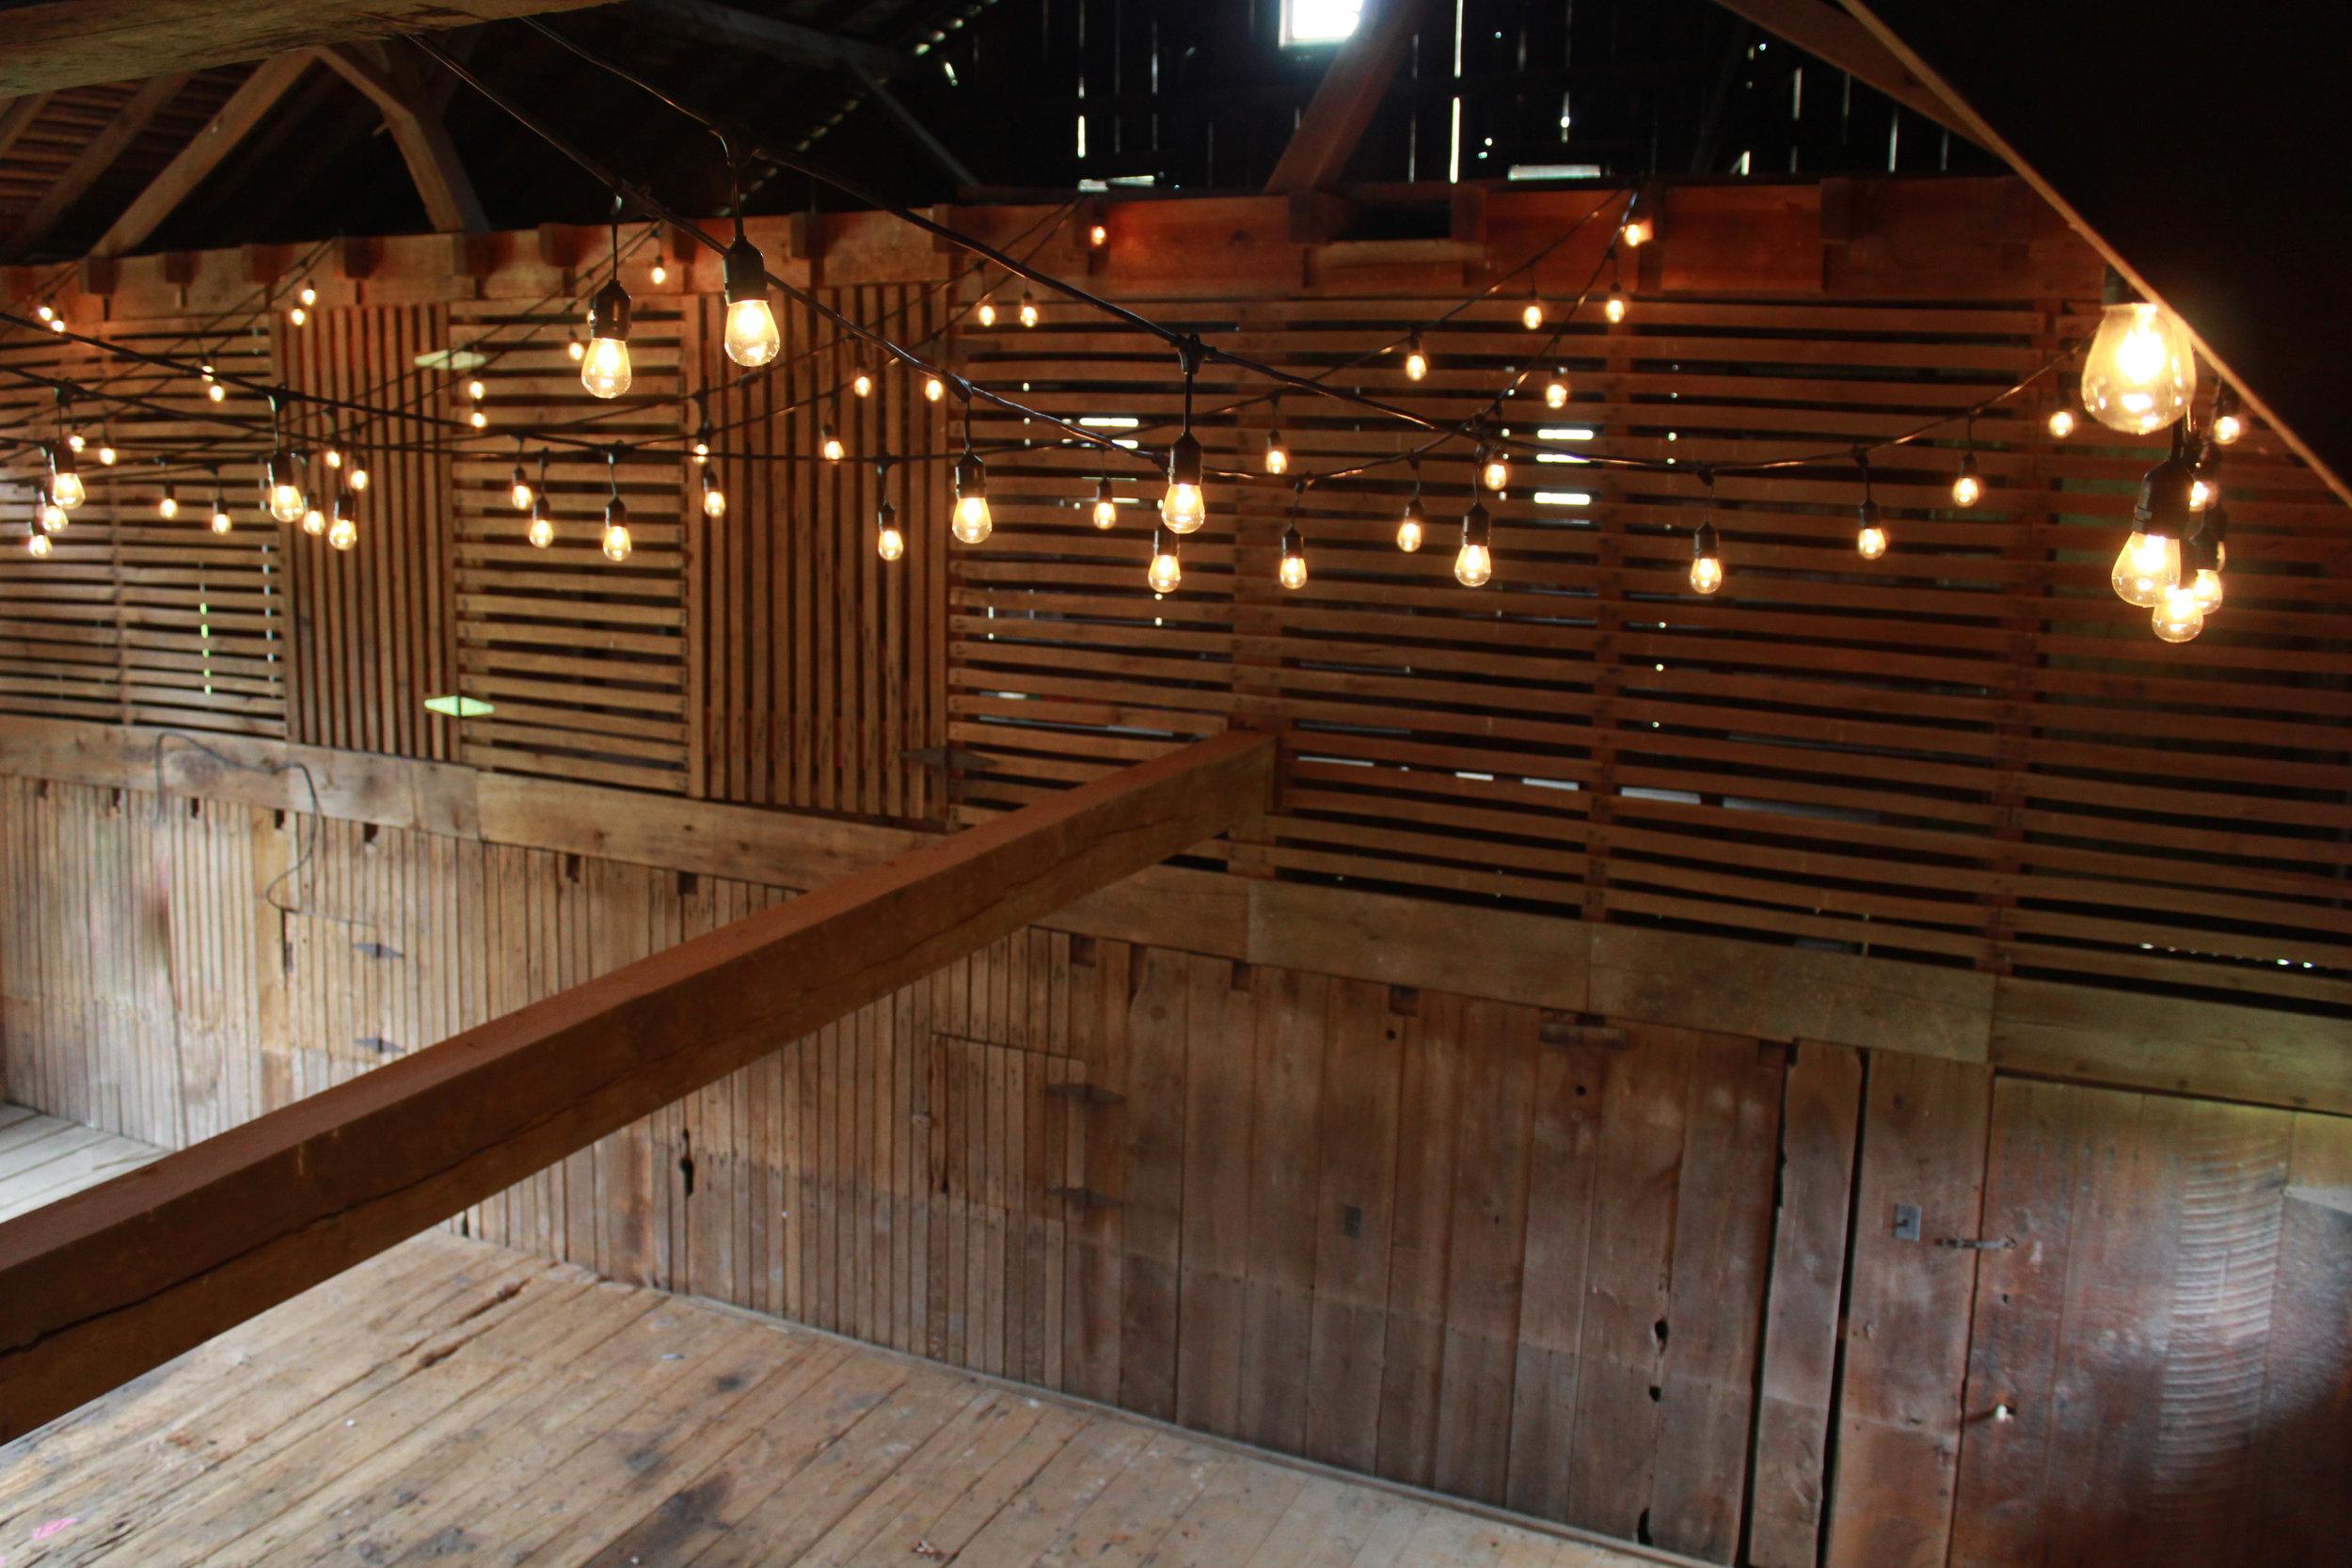 Bank Barn Inside from Above.JPG